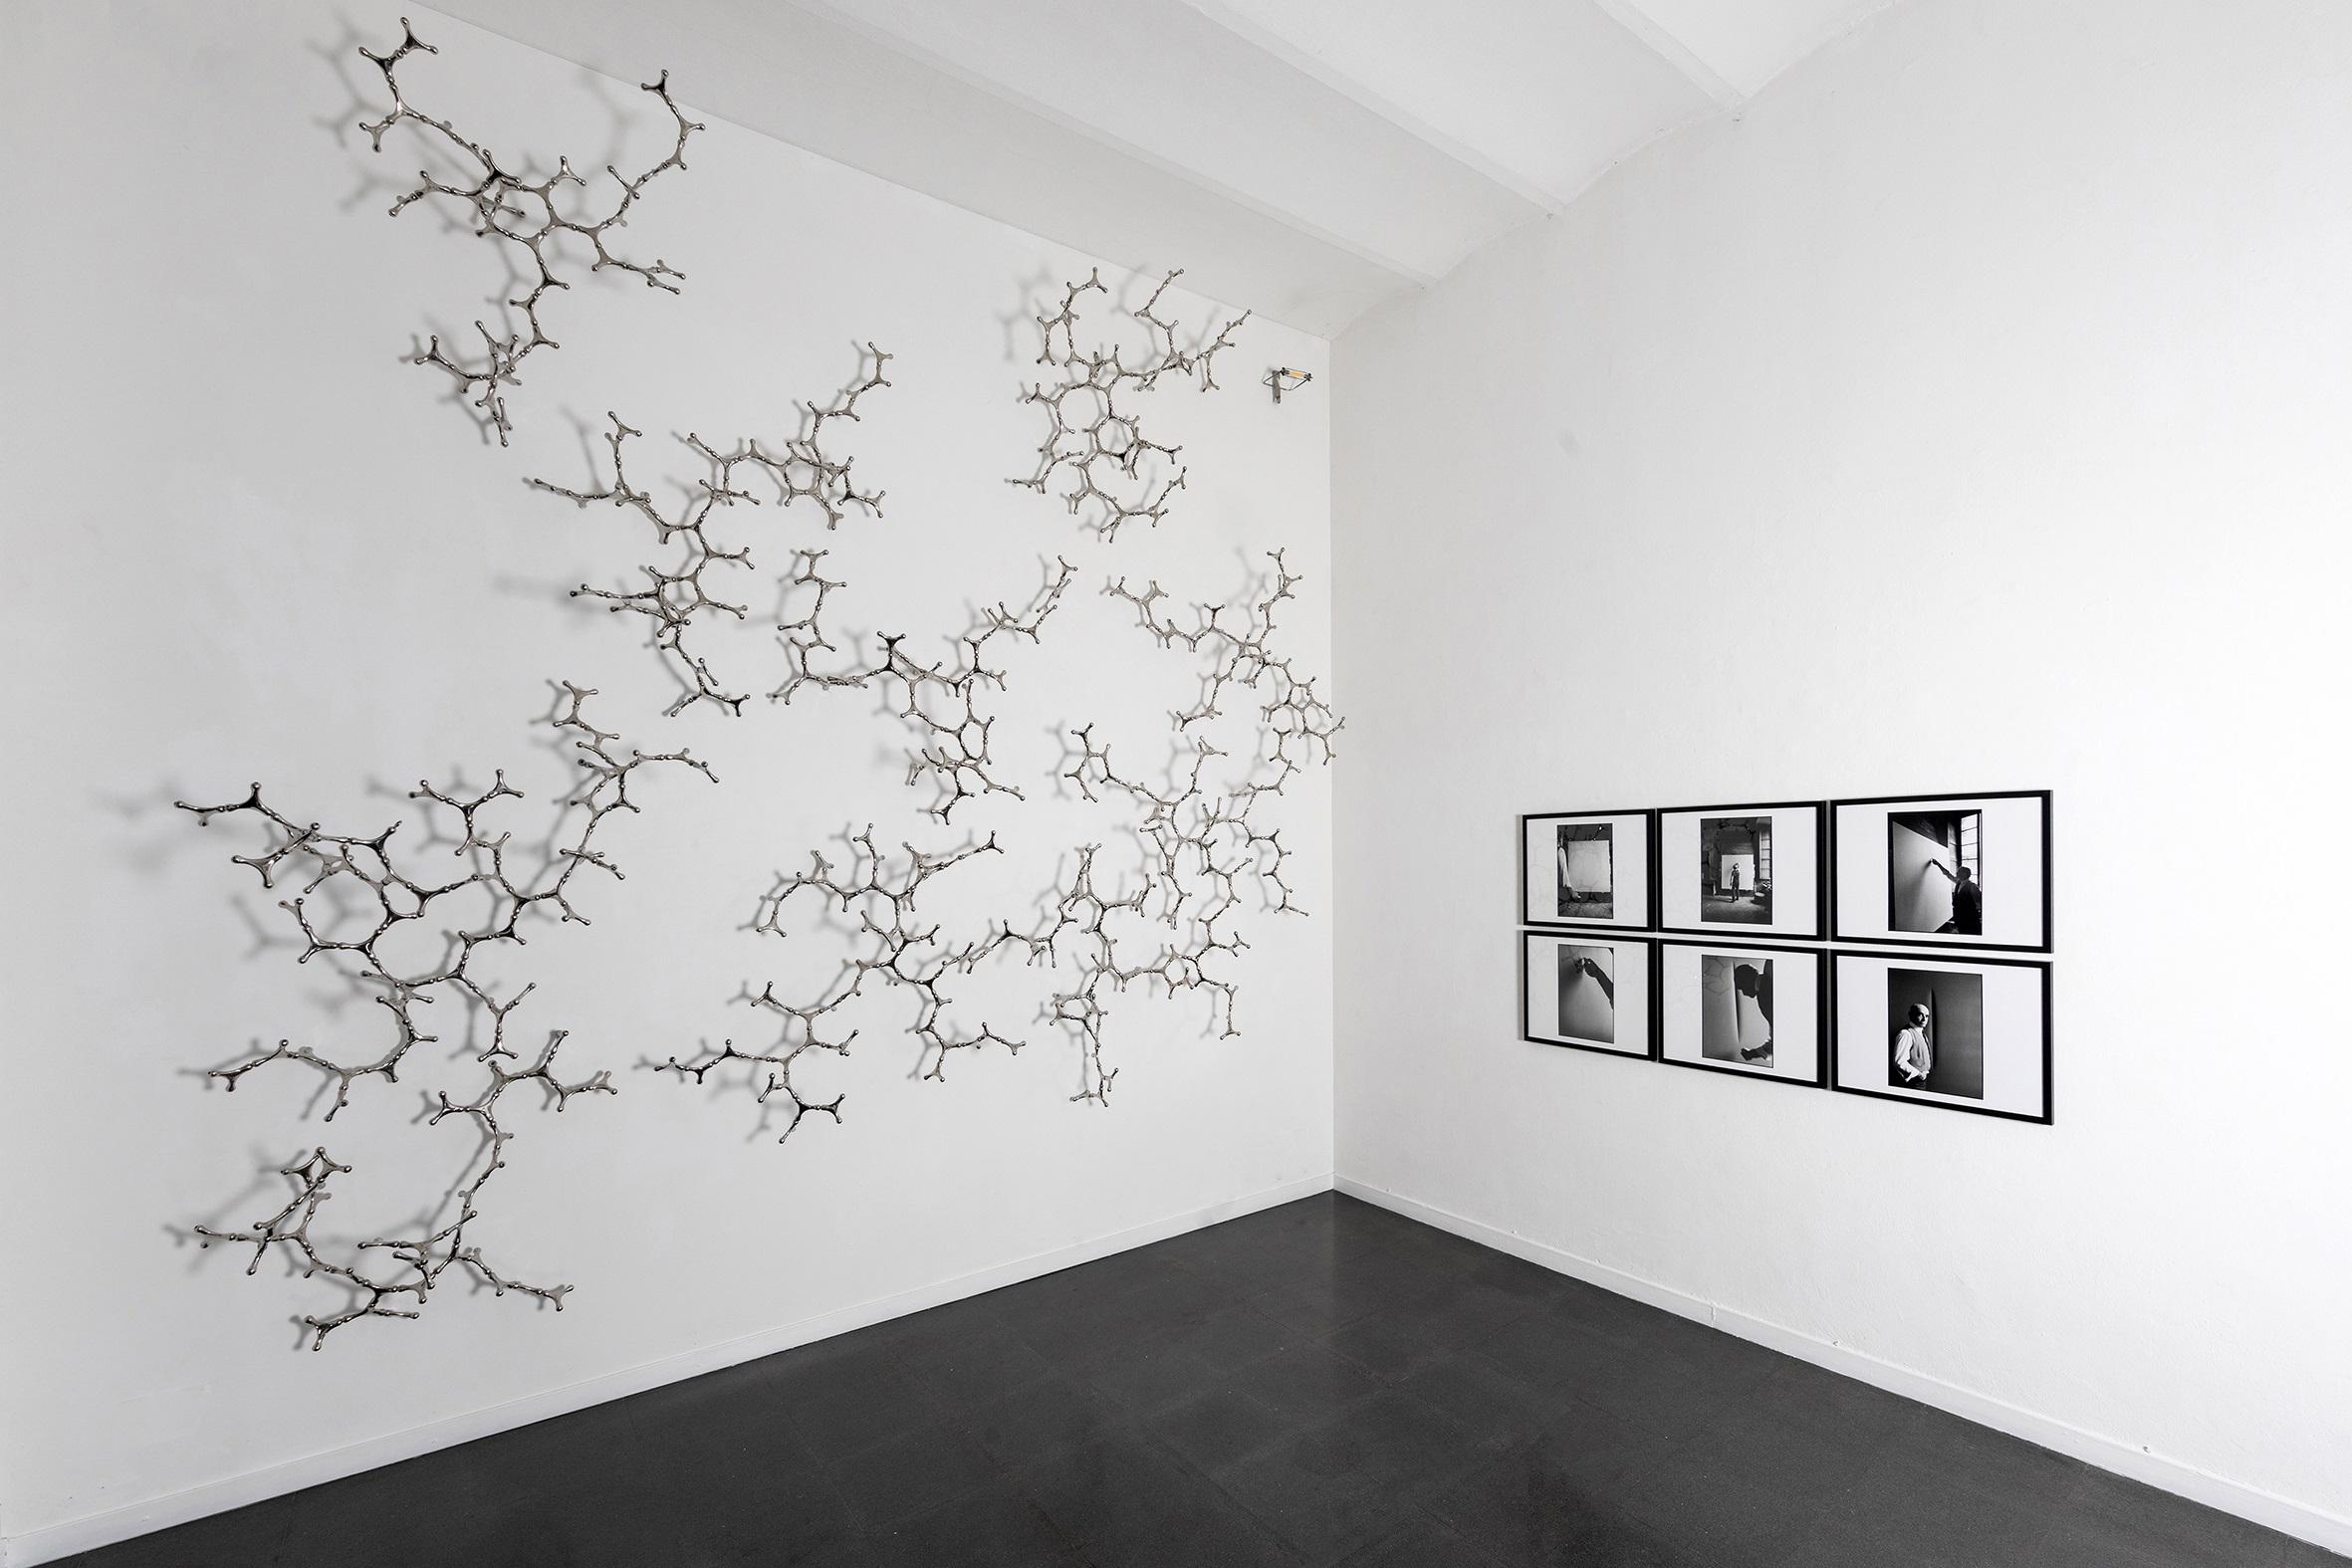 L'immagine mostra una sala bianca di una gallerie d'arte con al suo interno tre opere di tre diversi artisti (